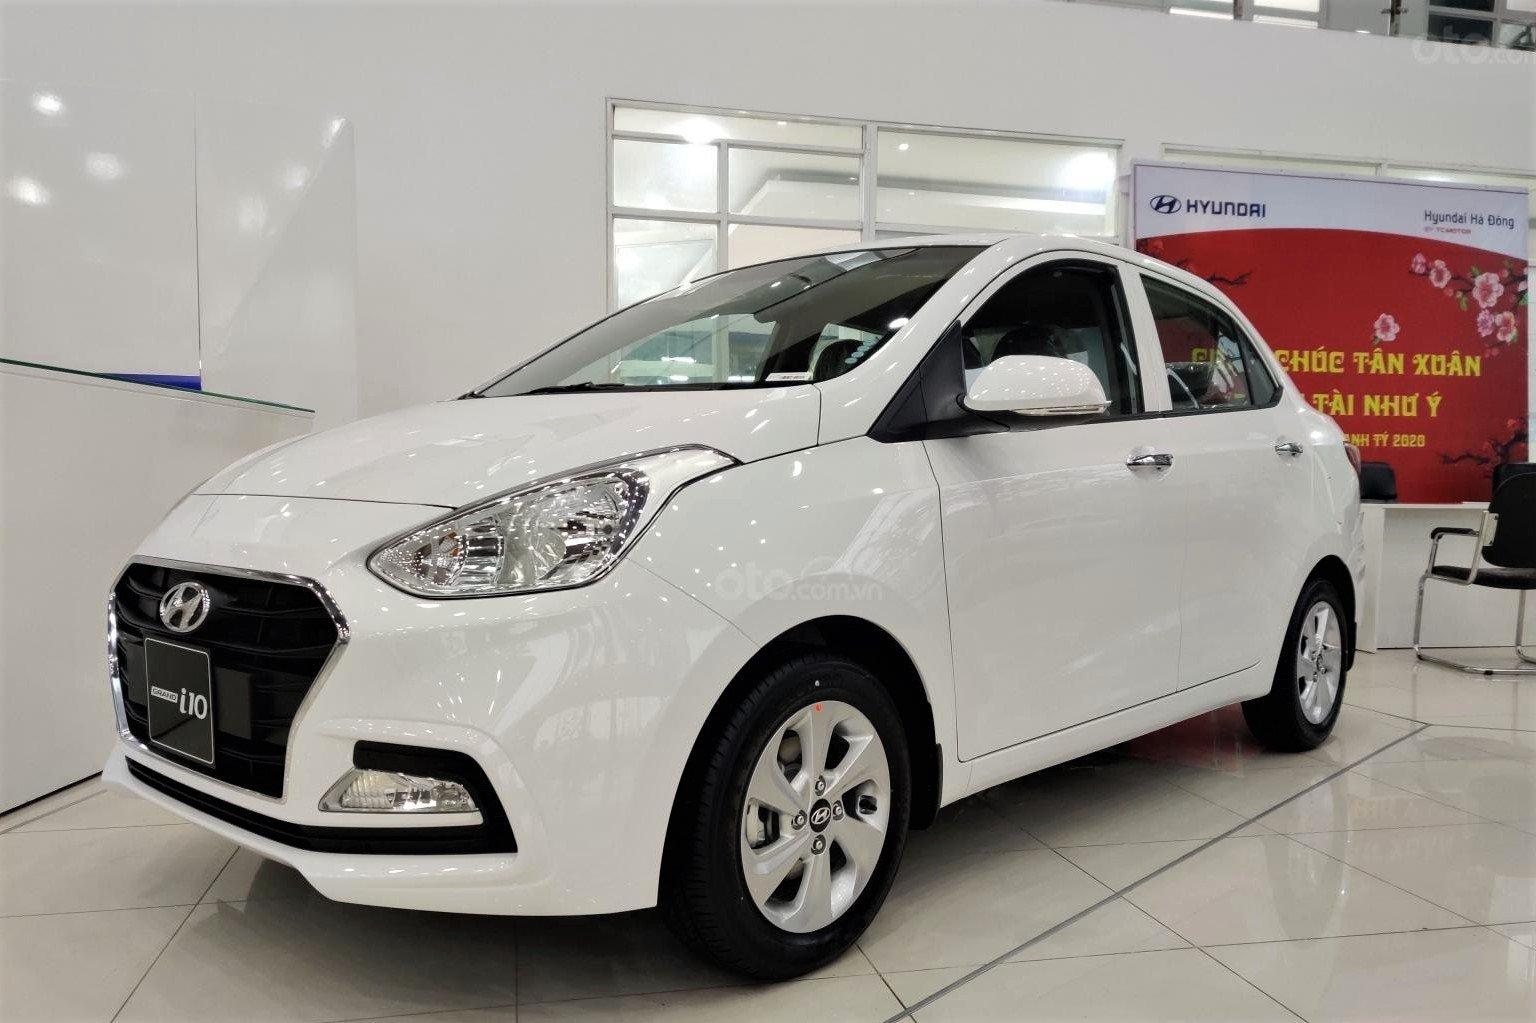 Hyundai Grand i10 tại Việt Nam a4